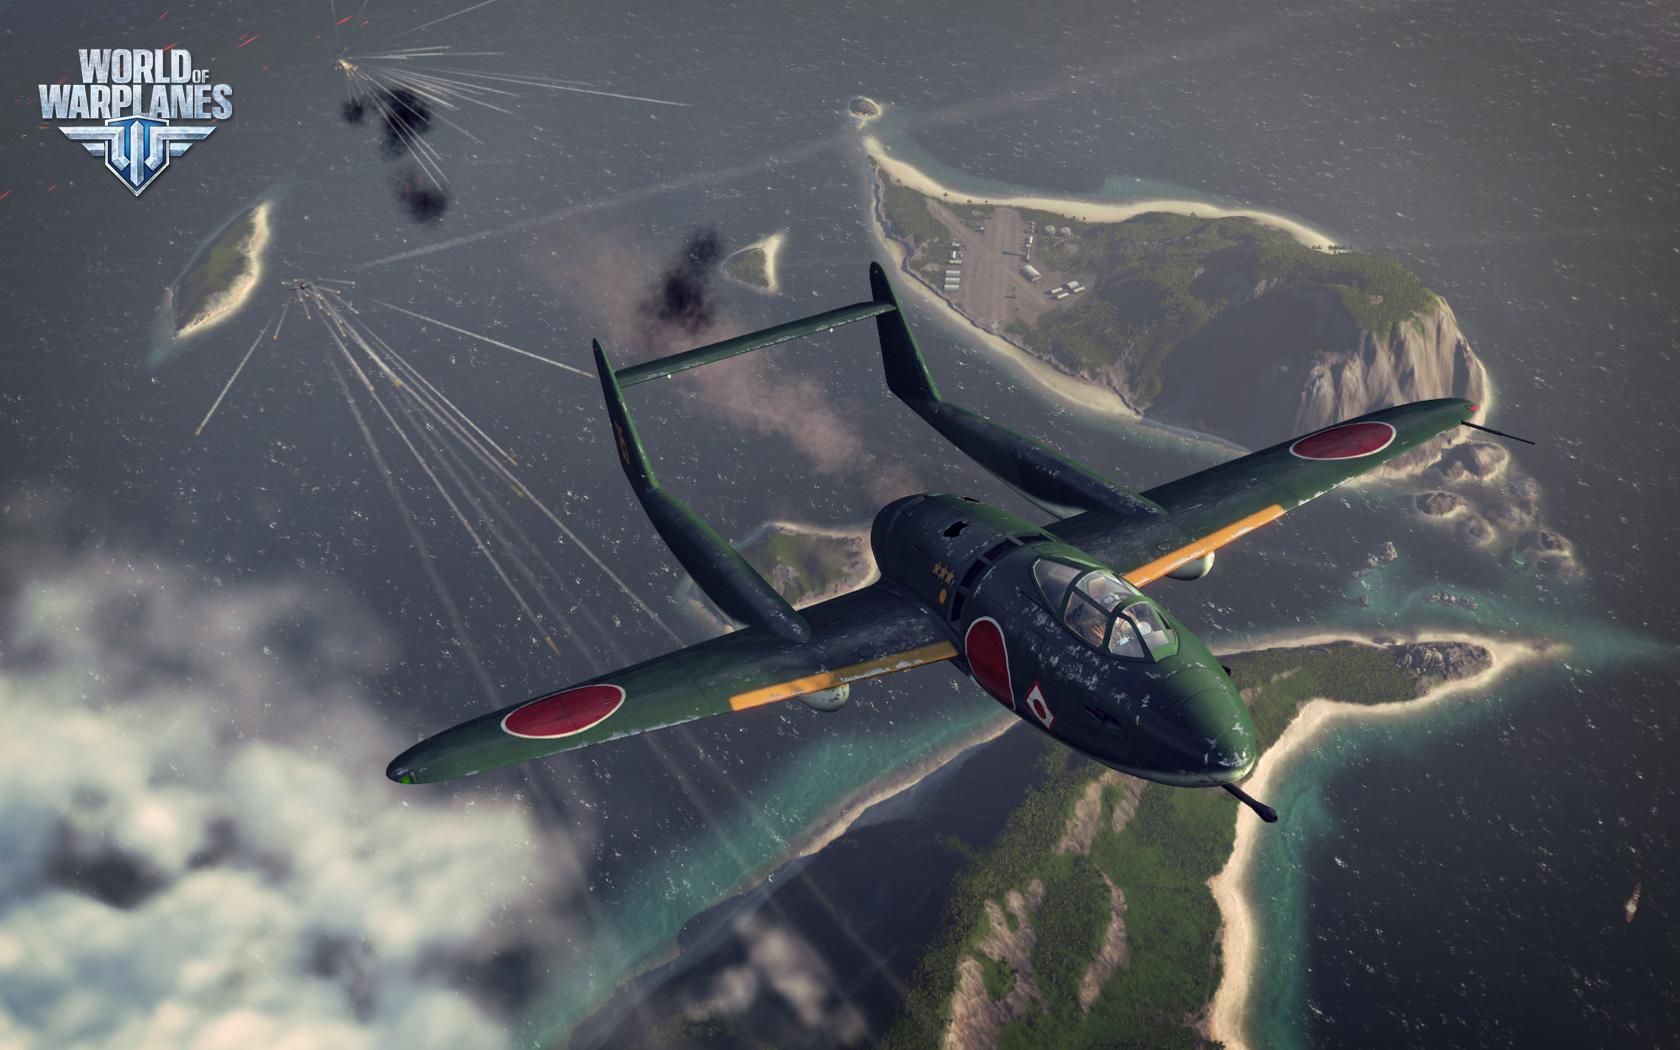 战机世界空中战斗绚丽酷图超清欣赏